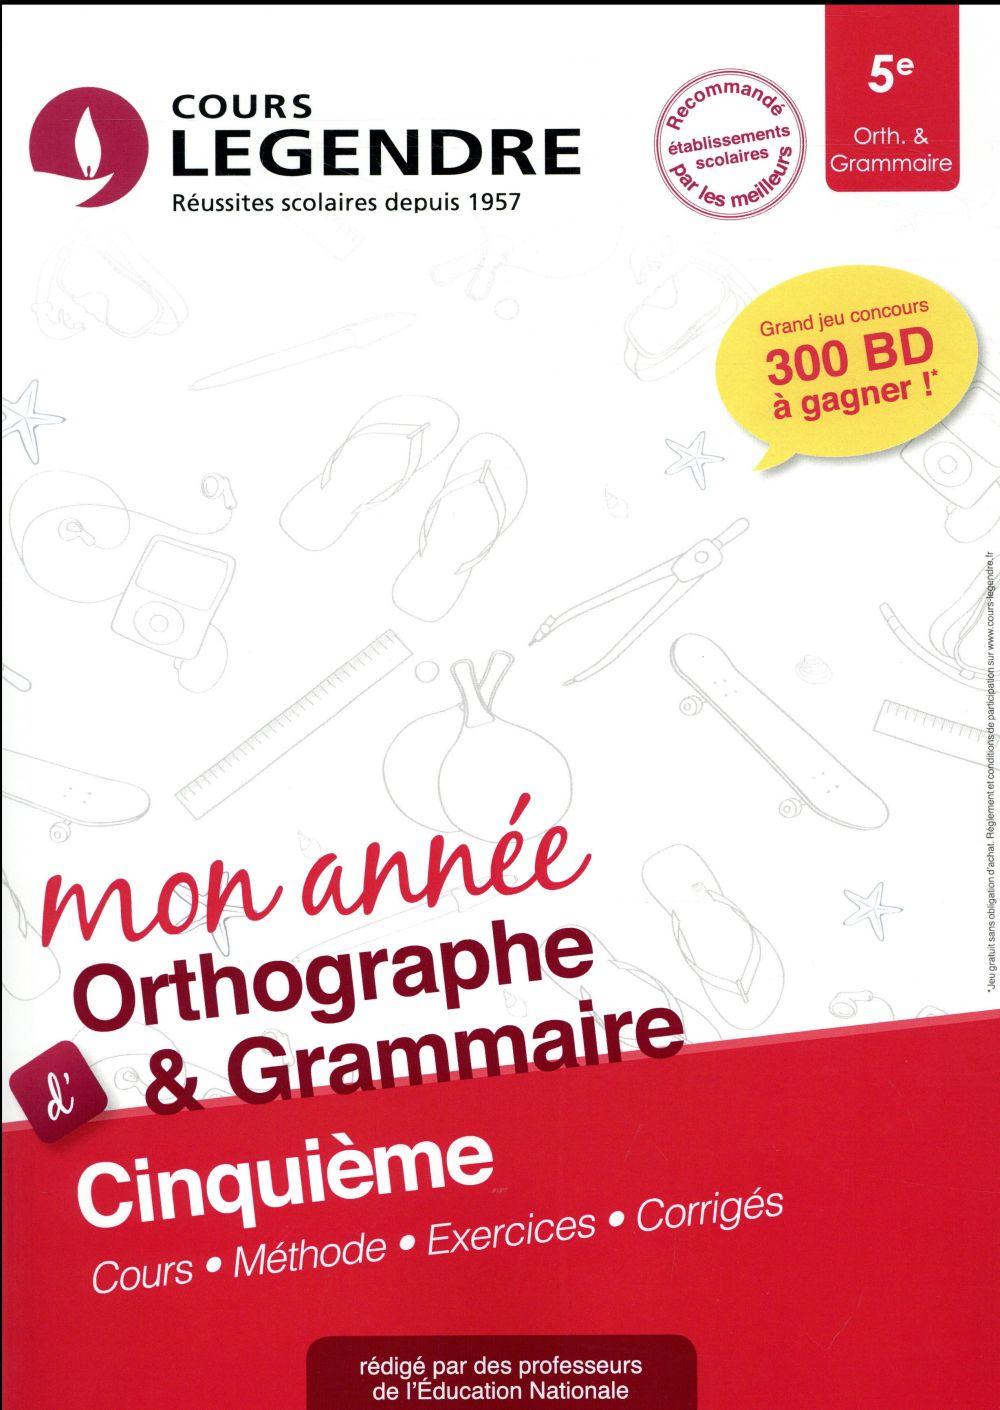 Cours Legendre ; orthographe-grammaire ; 5e mon année (édition 2018)